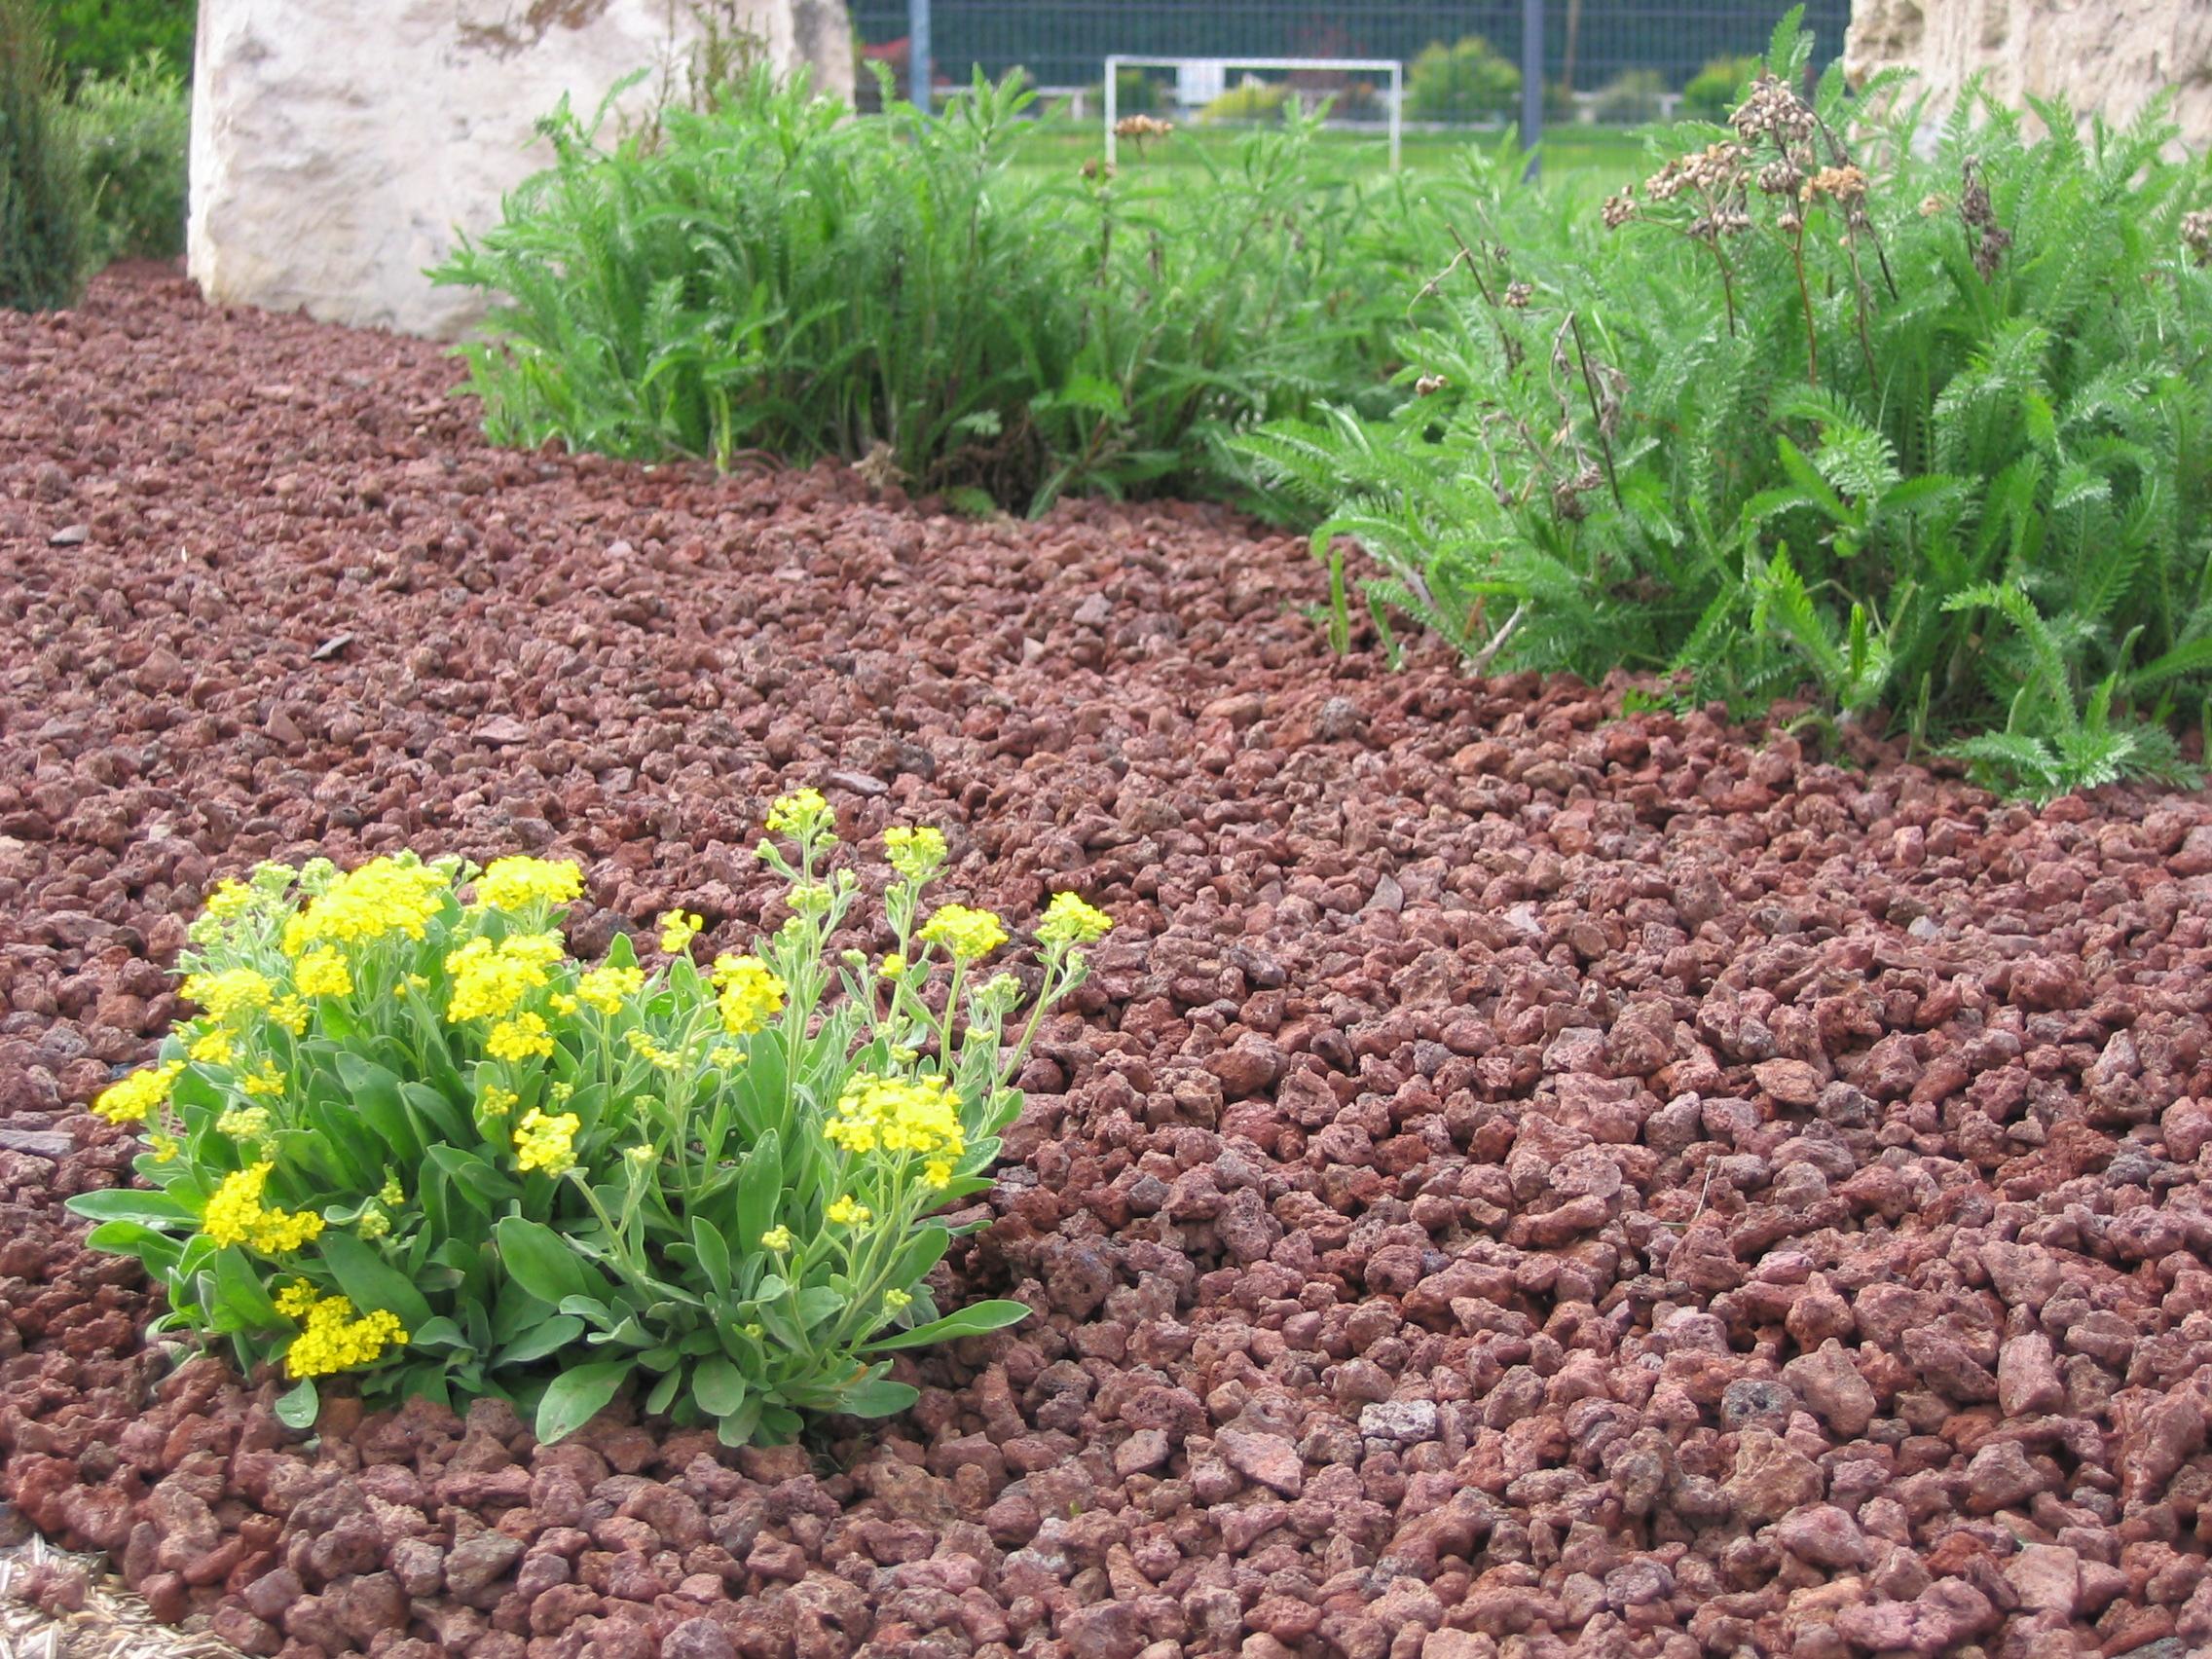 paillage decoratif pour jardin